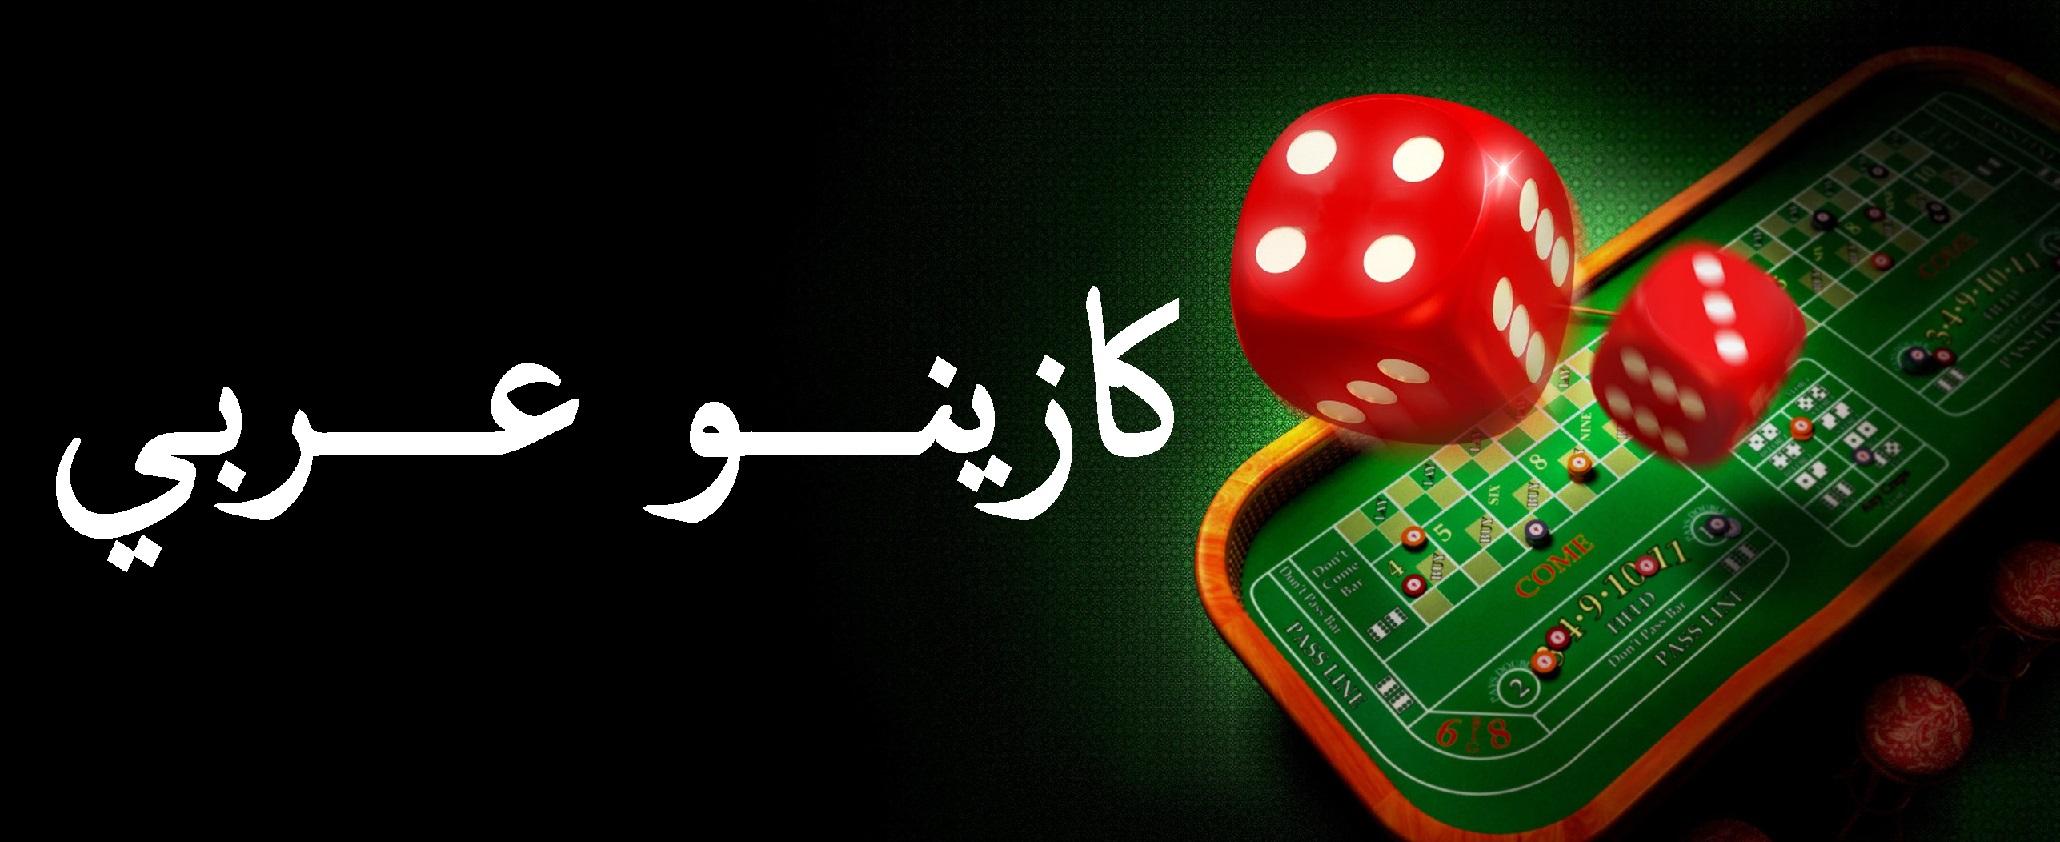 اسماء العاب 645484